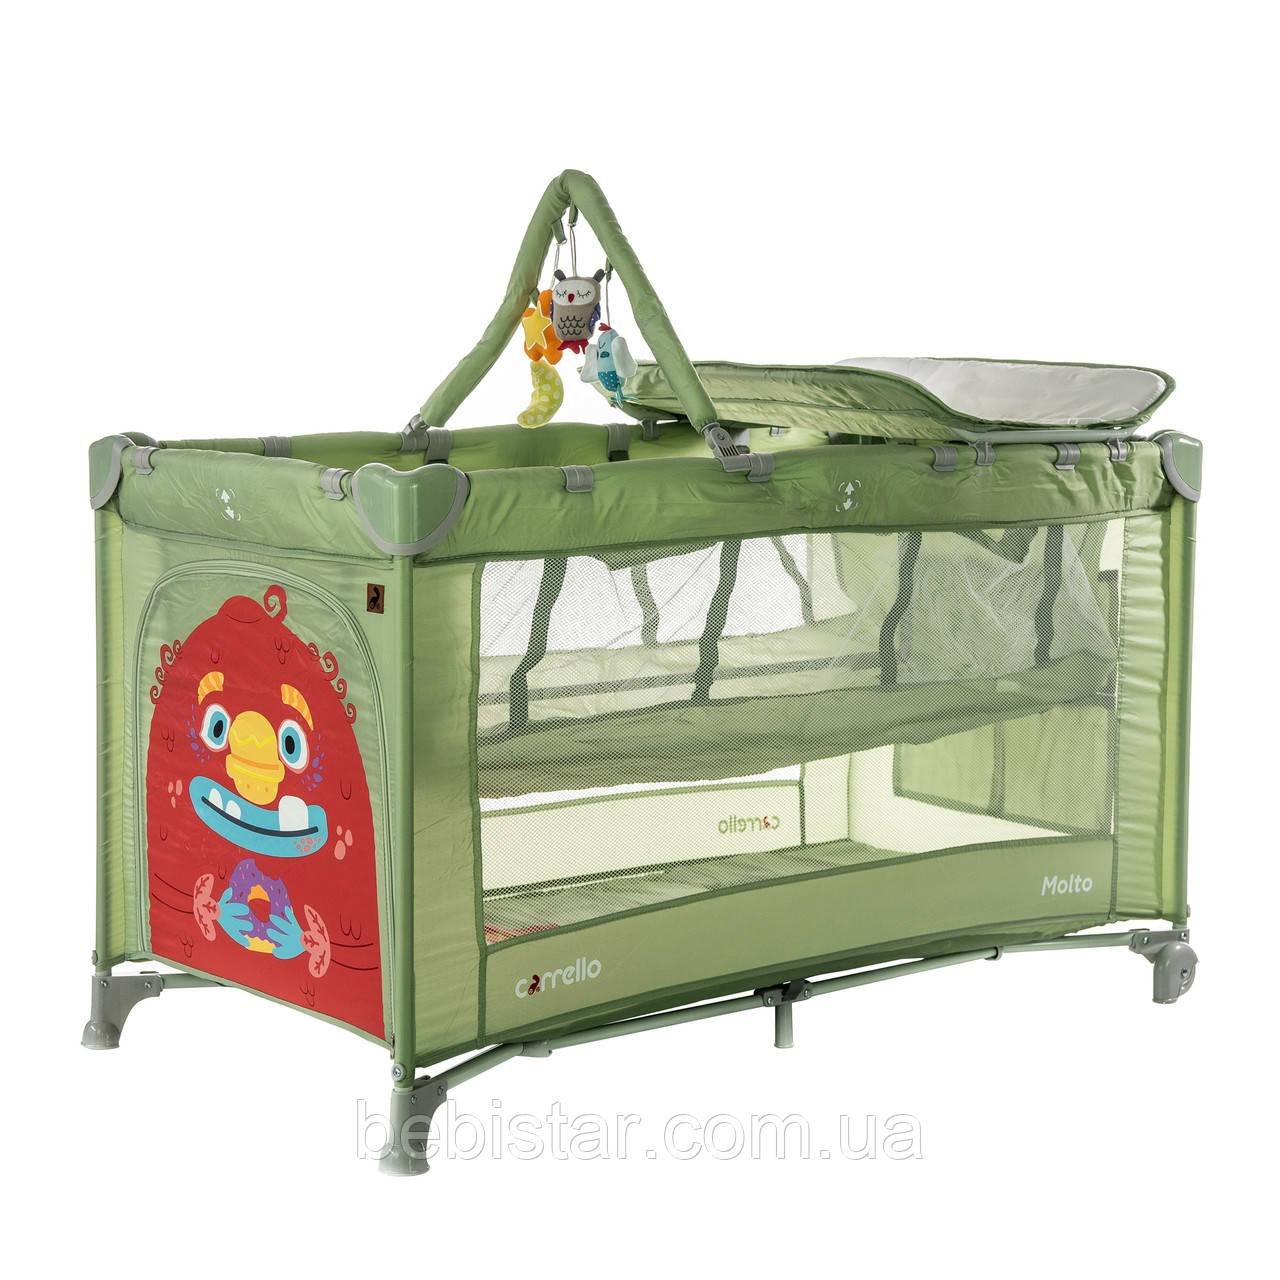 Детский манеж манеж-кровать зеленый Carrello Molto с двойным дном пеленальным столиком сумкой колесами